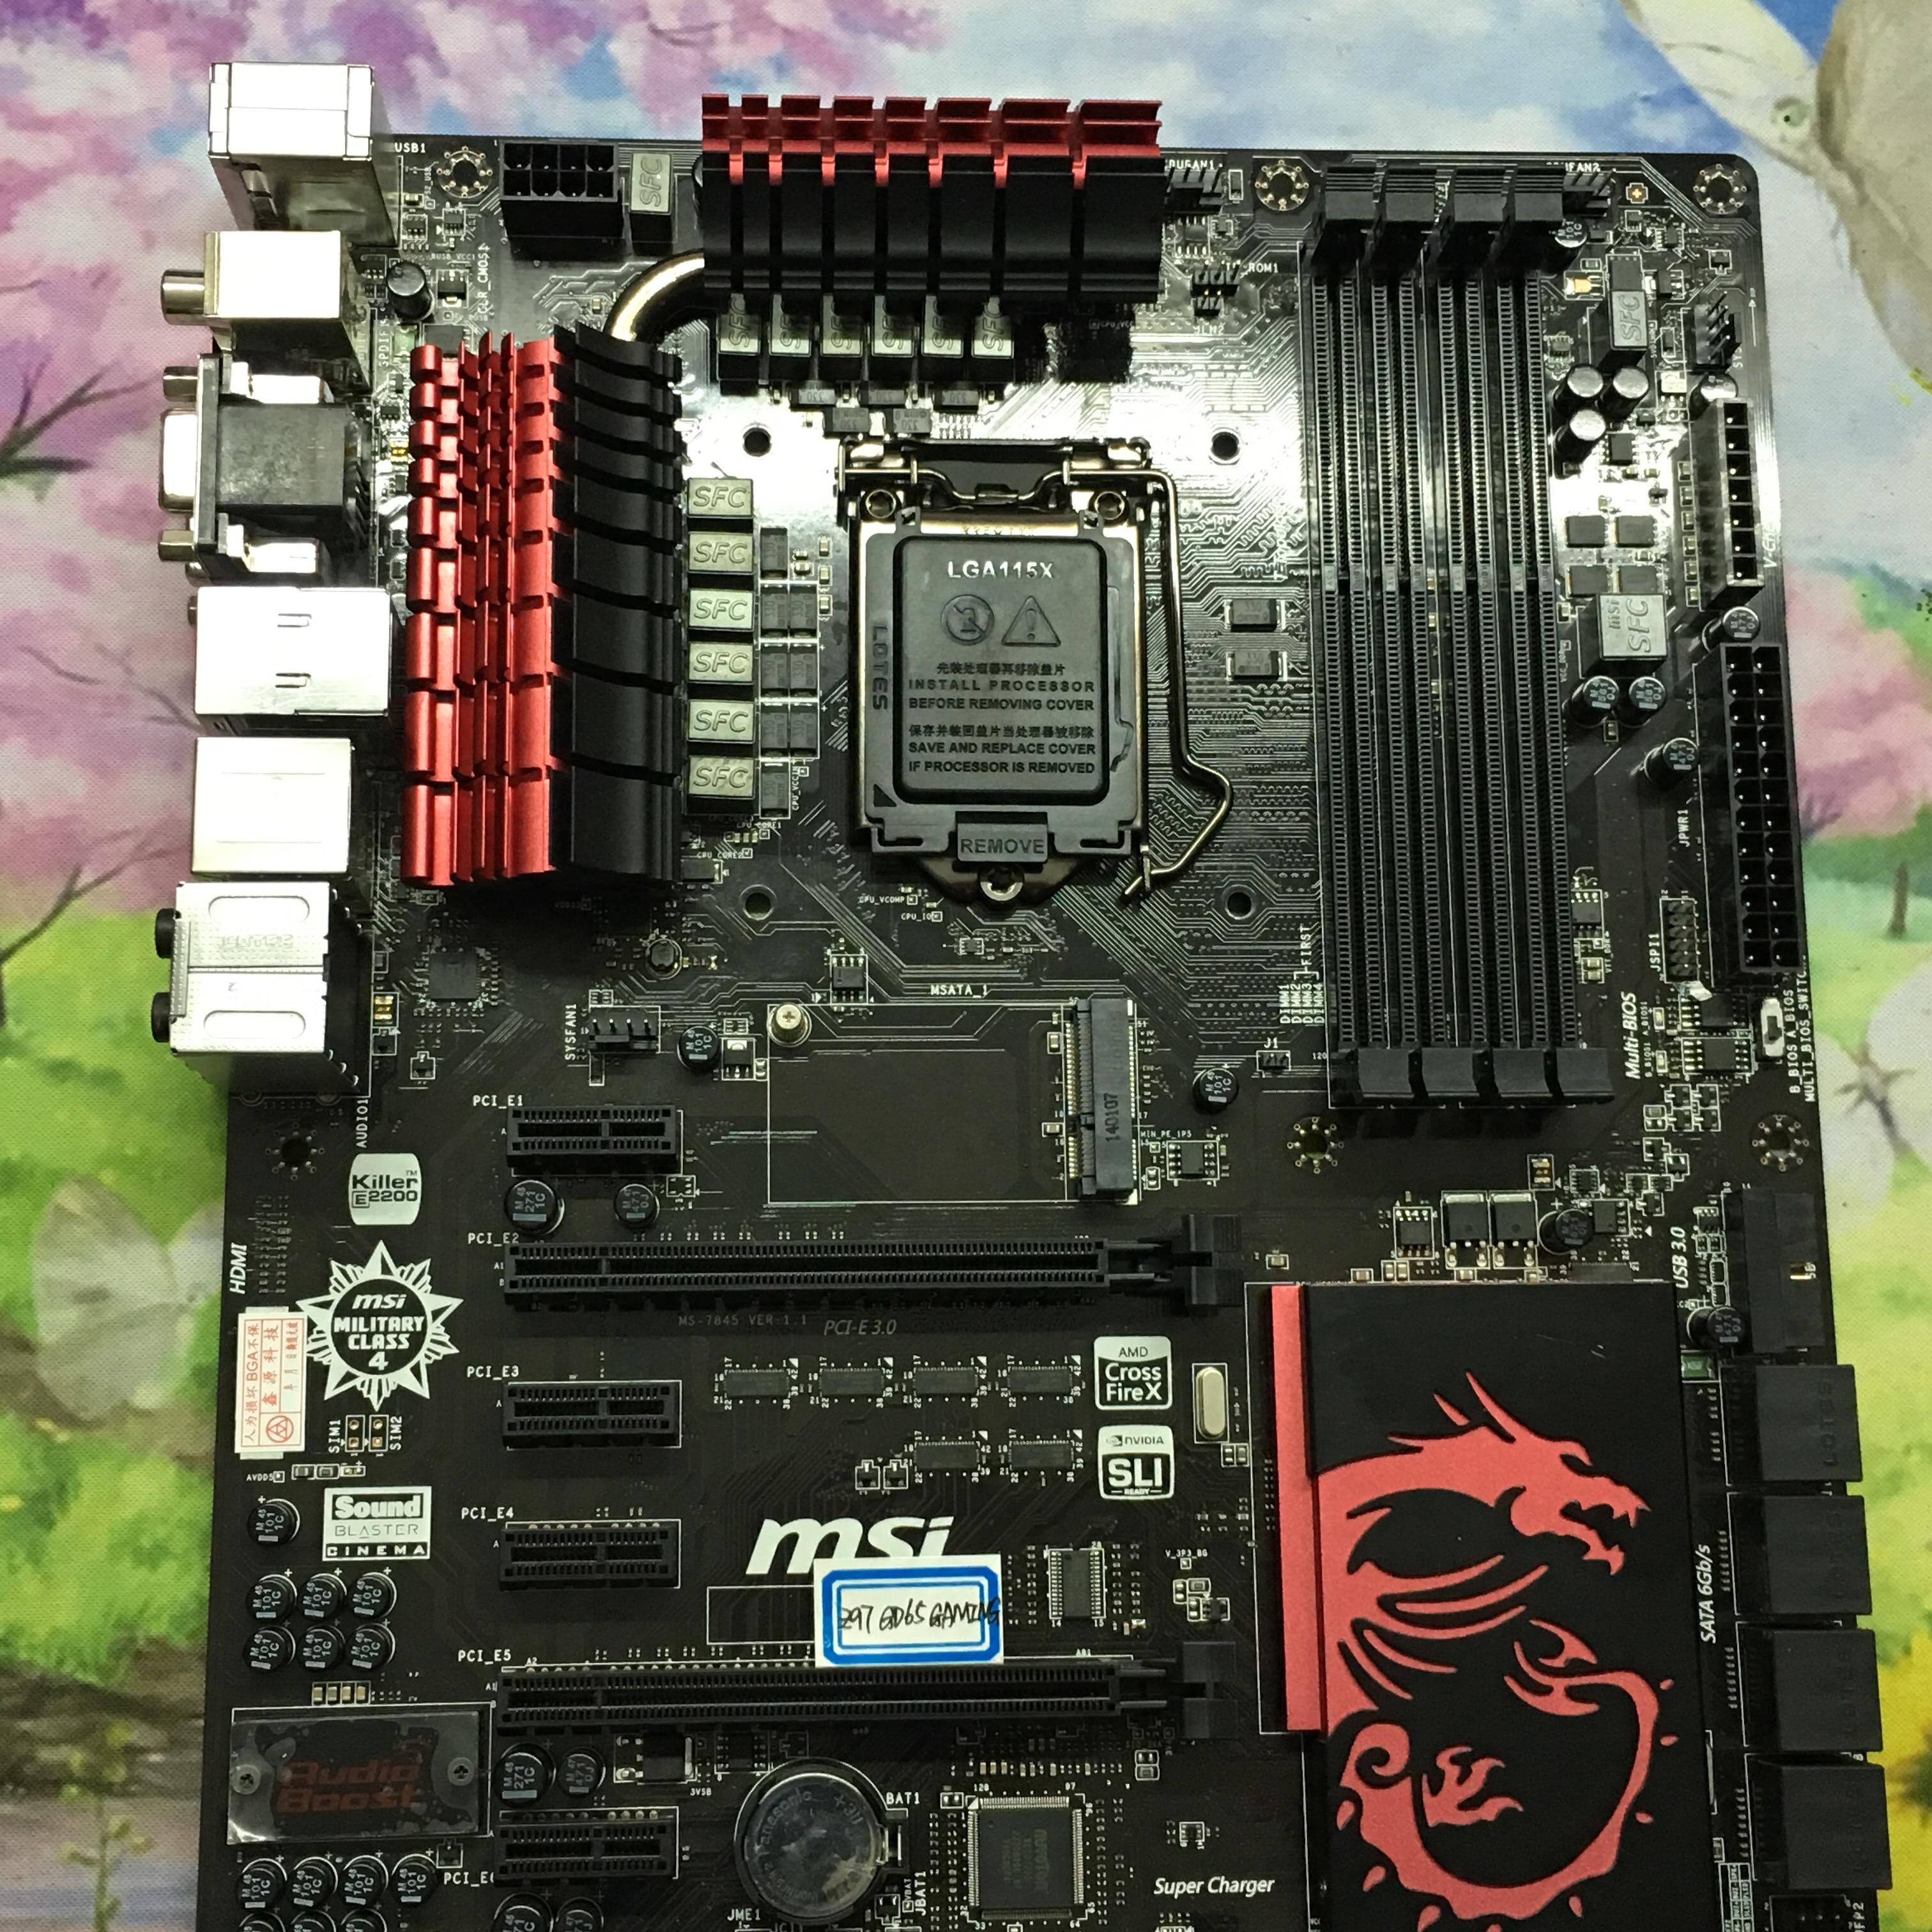 MSI Z97-GD65 GAMING killer card 1150 pin Z97 motherboard support I7 4790K